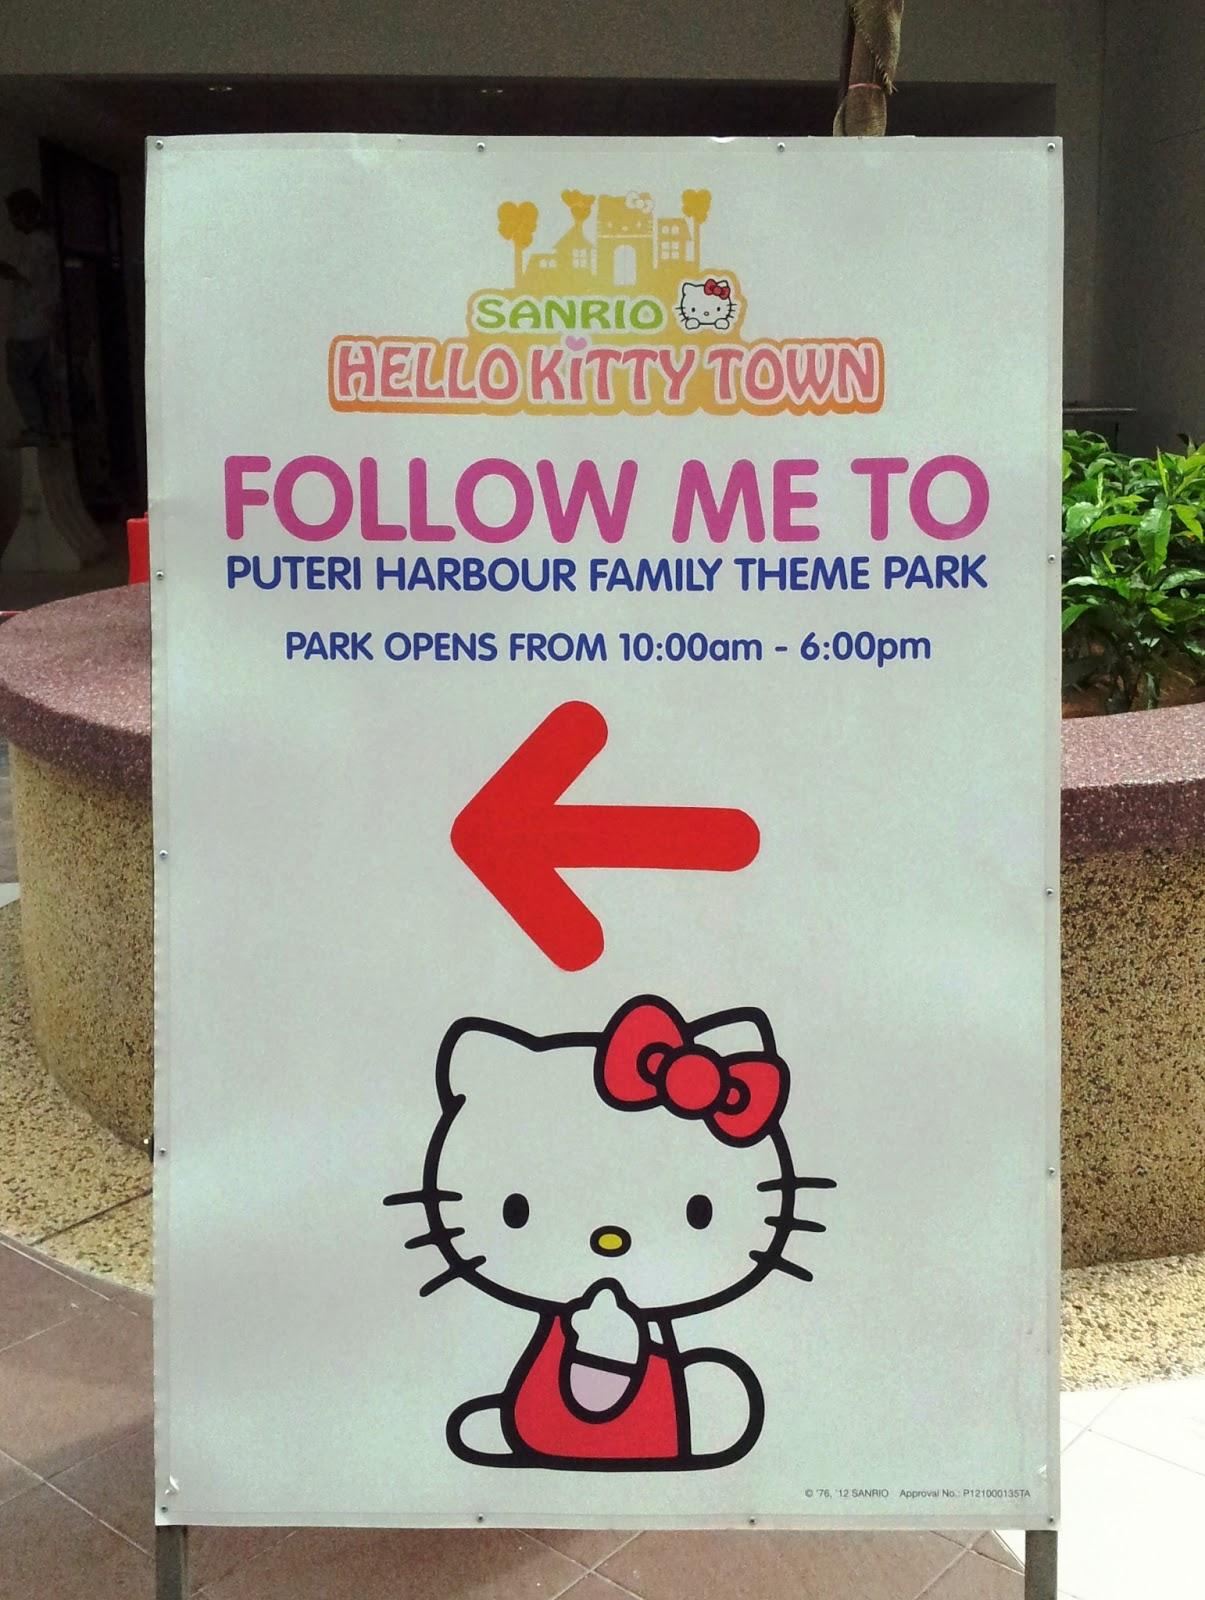 Hello kitty town puteri harbour family theme park johor bahru malaysia - Sanrio Hello Kitty Town Johor Bahru Malaysia